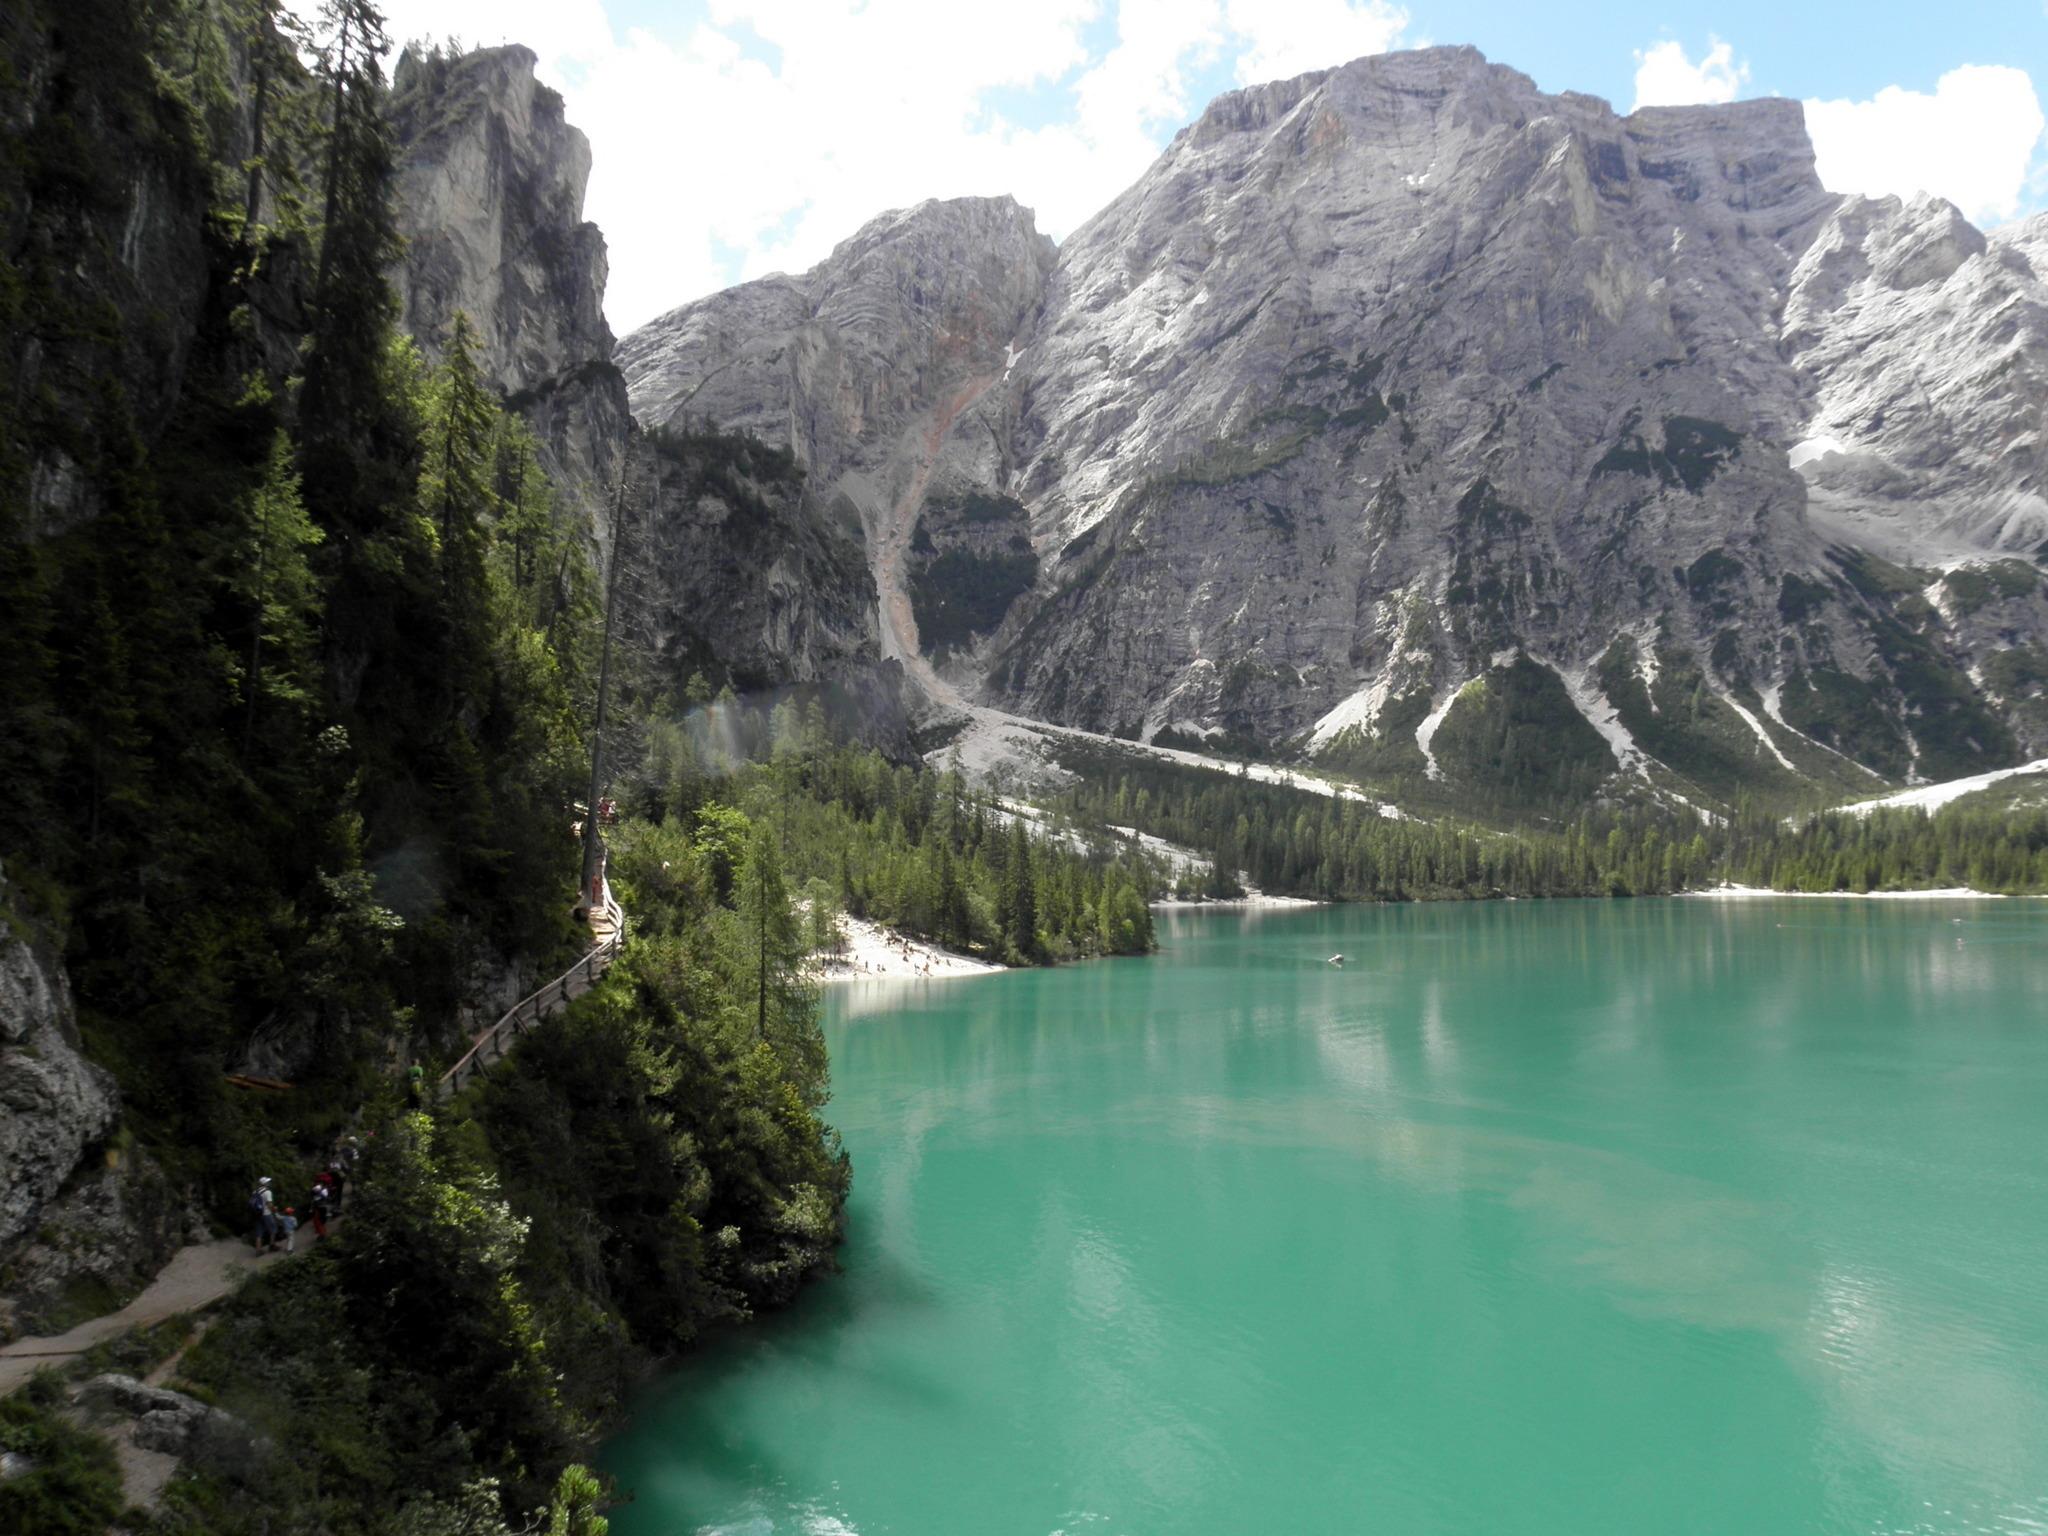 Tagesfahrt zum Pragser Wildsee in den Südtiroler Dolomiten